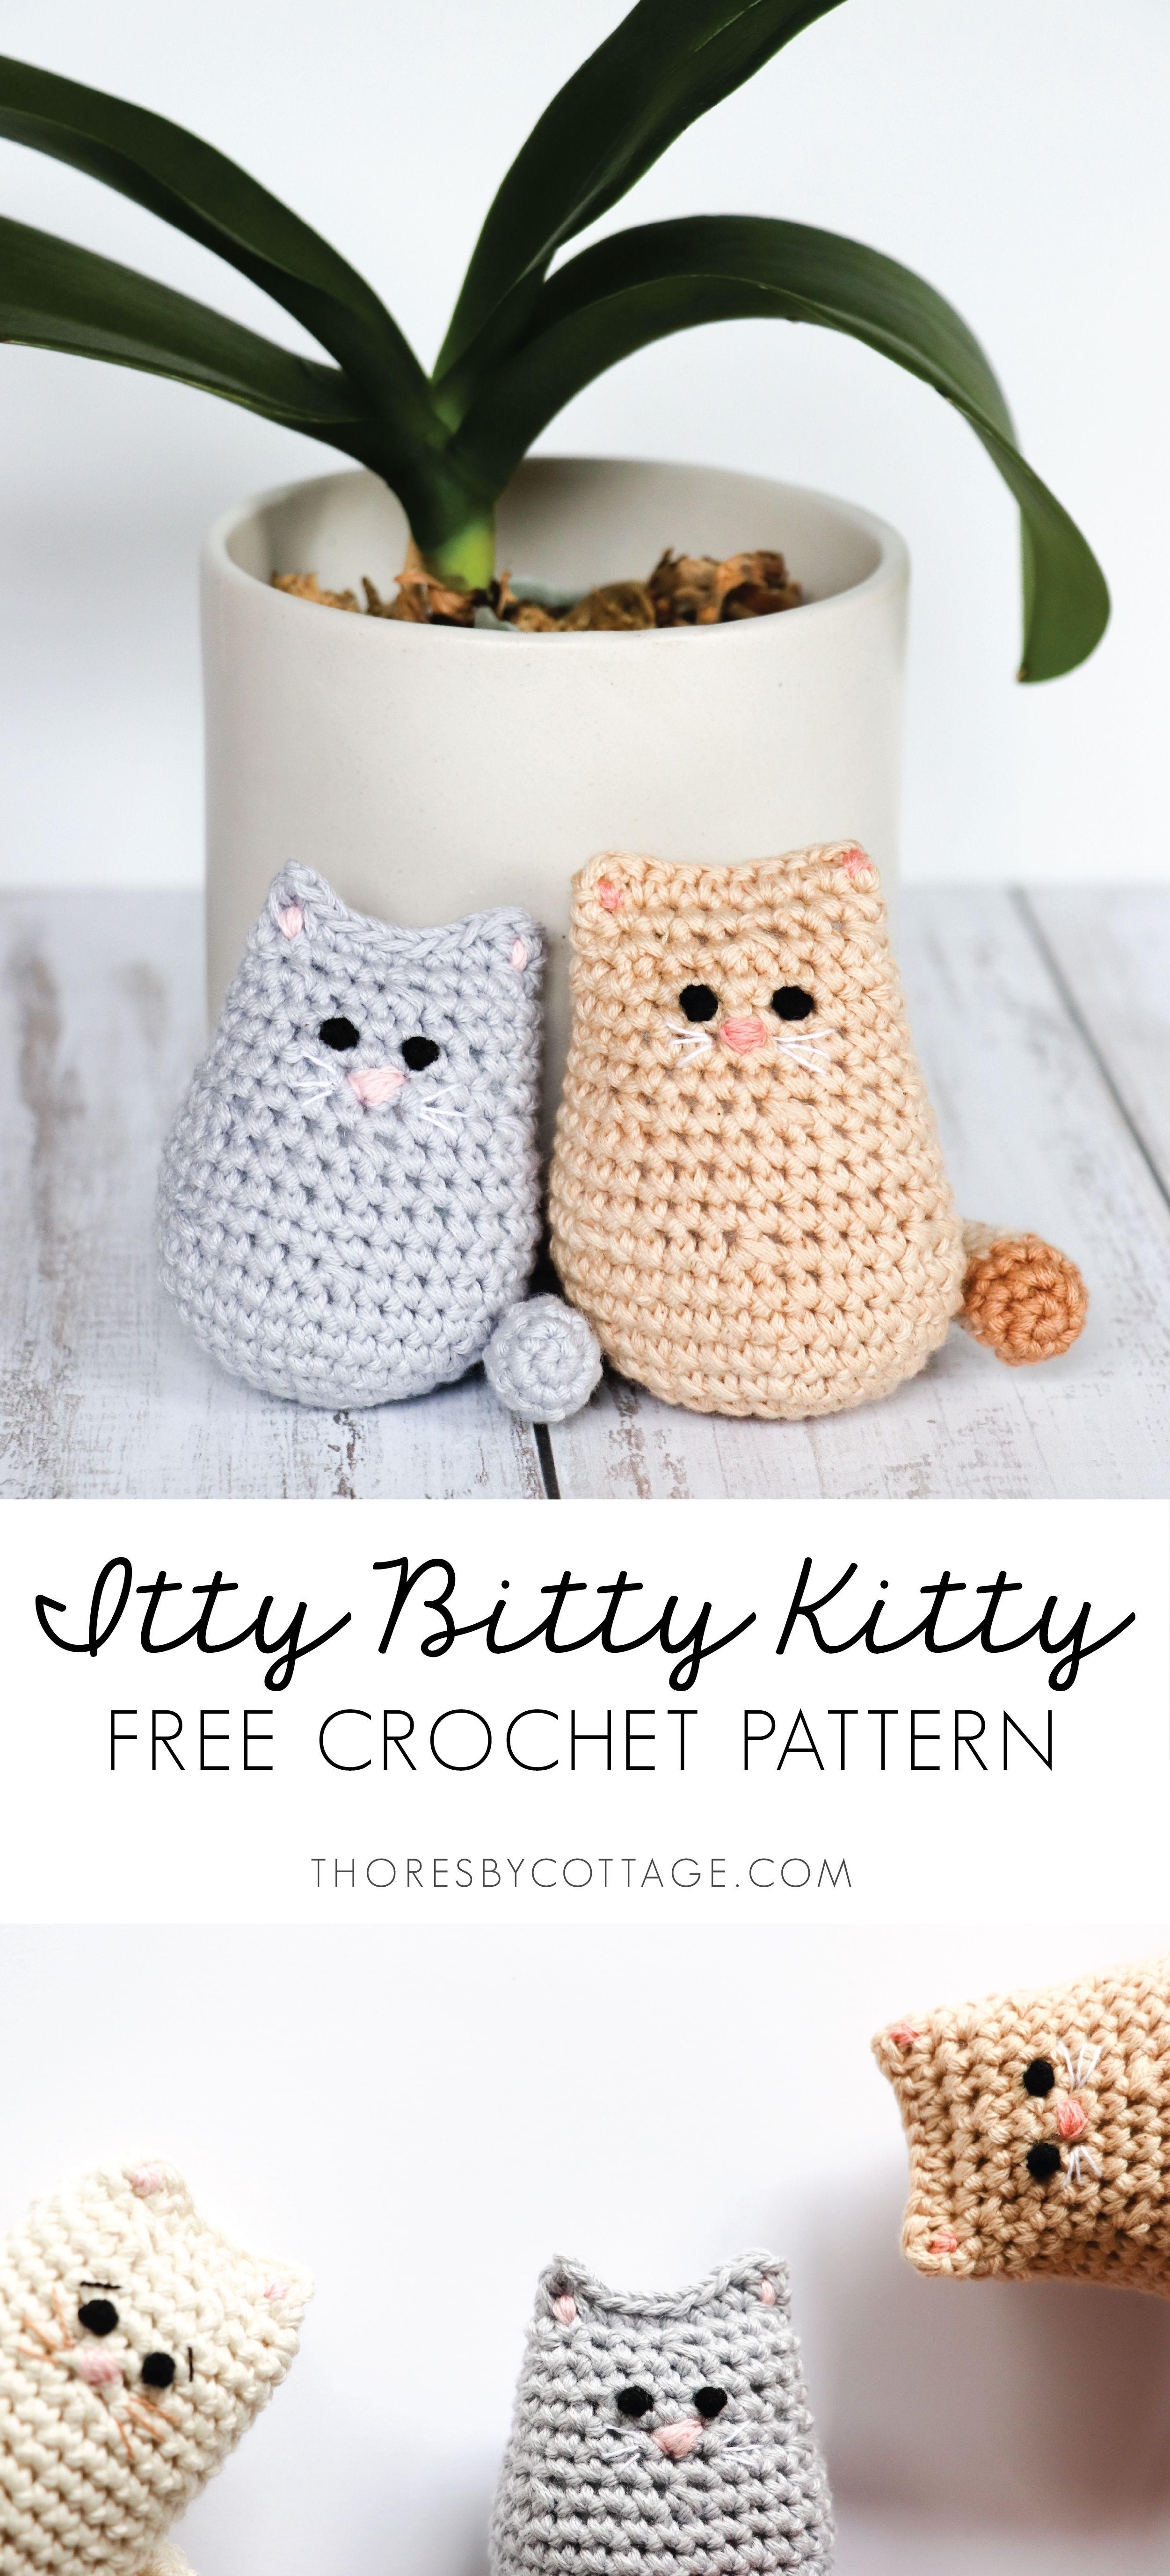 Itty Bitty Crochet Kitty Free Crochet Cat Pattern Thoresby Cottage Crochet Cat Toys Crochet Cat Pattern Beginner Crochet Projects